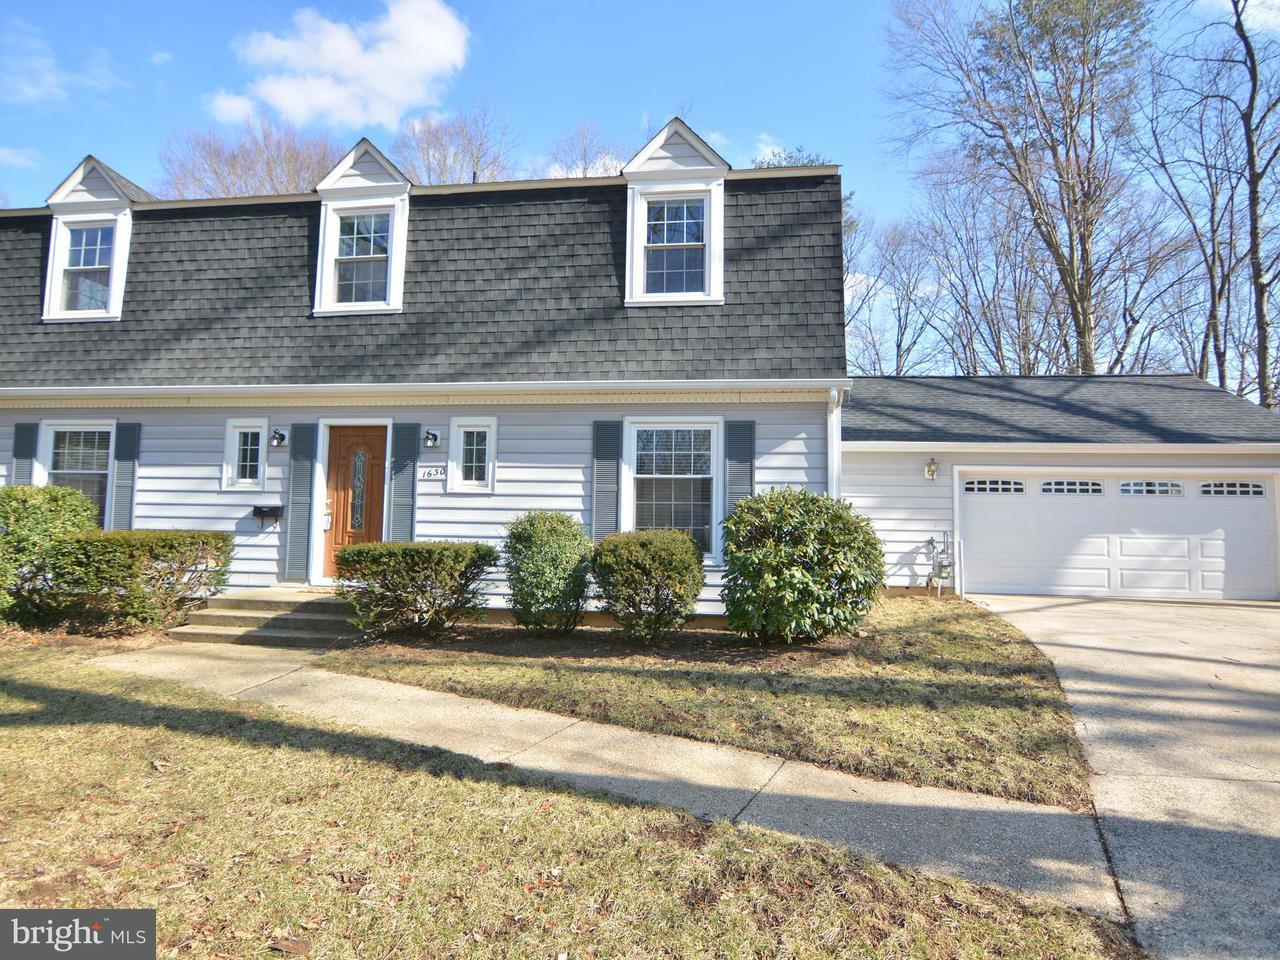 Einfamilienhaus für Verkauf beim 1630 Eton Way 1630 Eton Way Crofton, Maryland 21114 Vereinigte Staaten